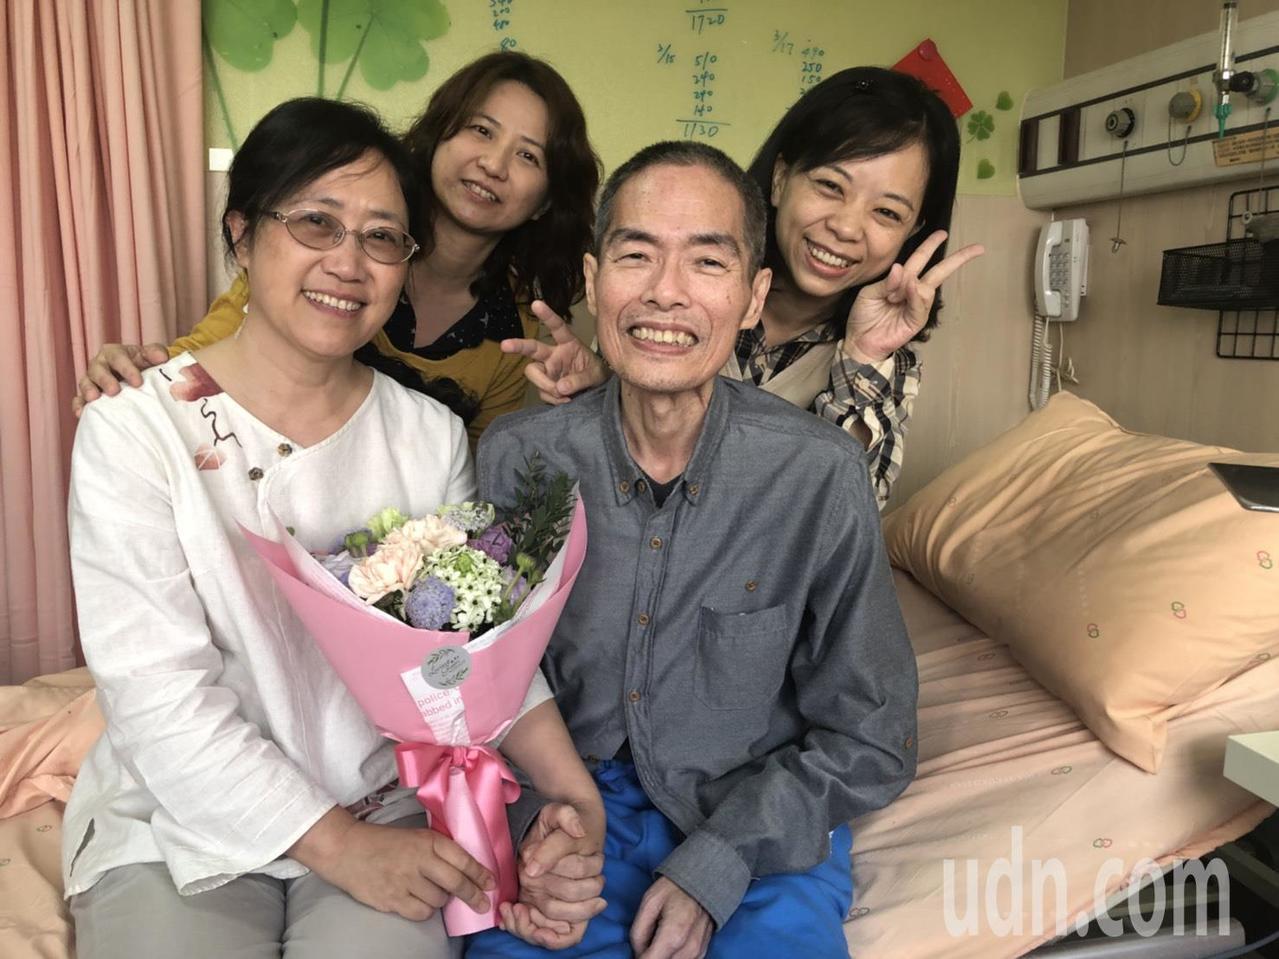 曾指導過的研究生黃千芳(左二)、黃昕瑀(右一)到醫院探視鄒川雄,有學生聊天相伴,...